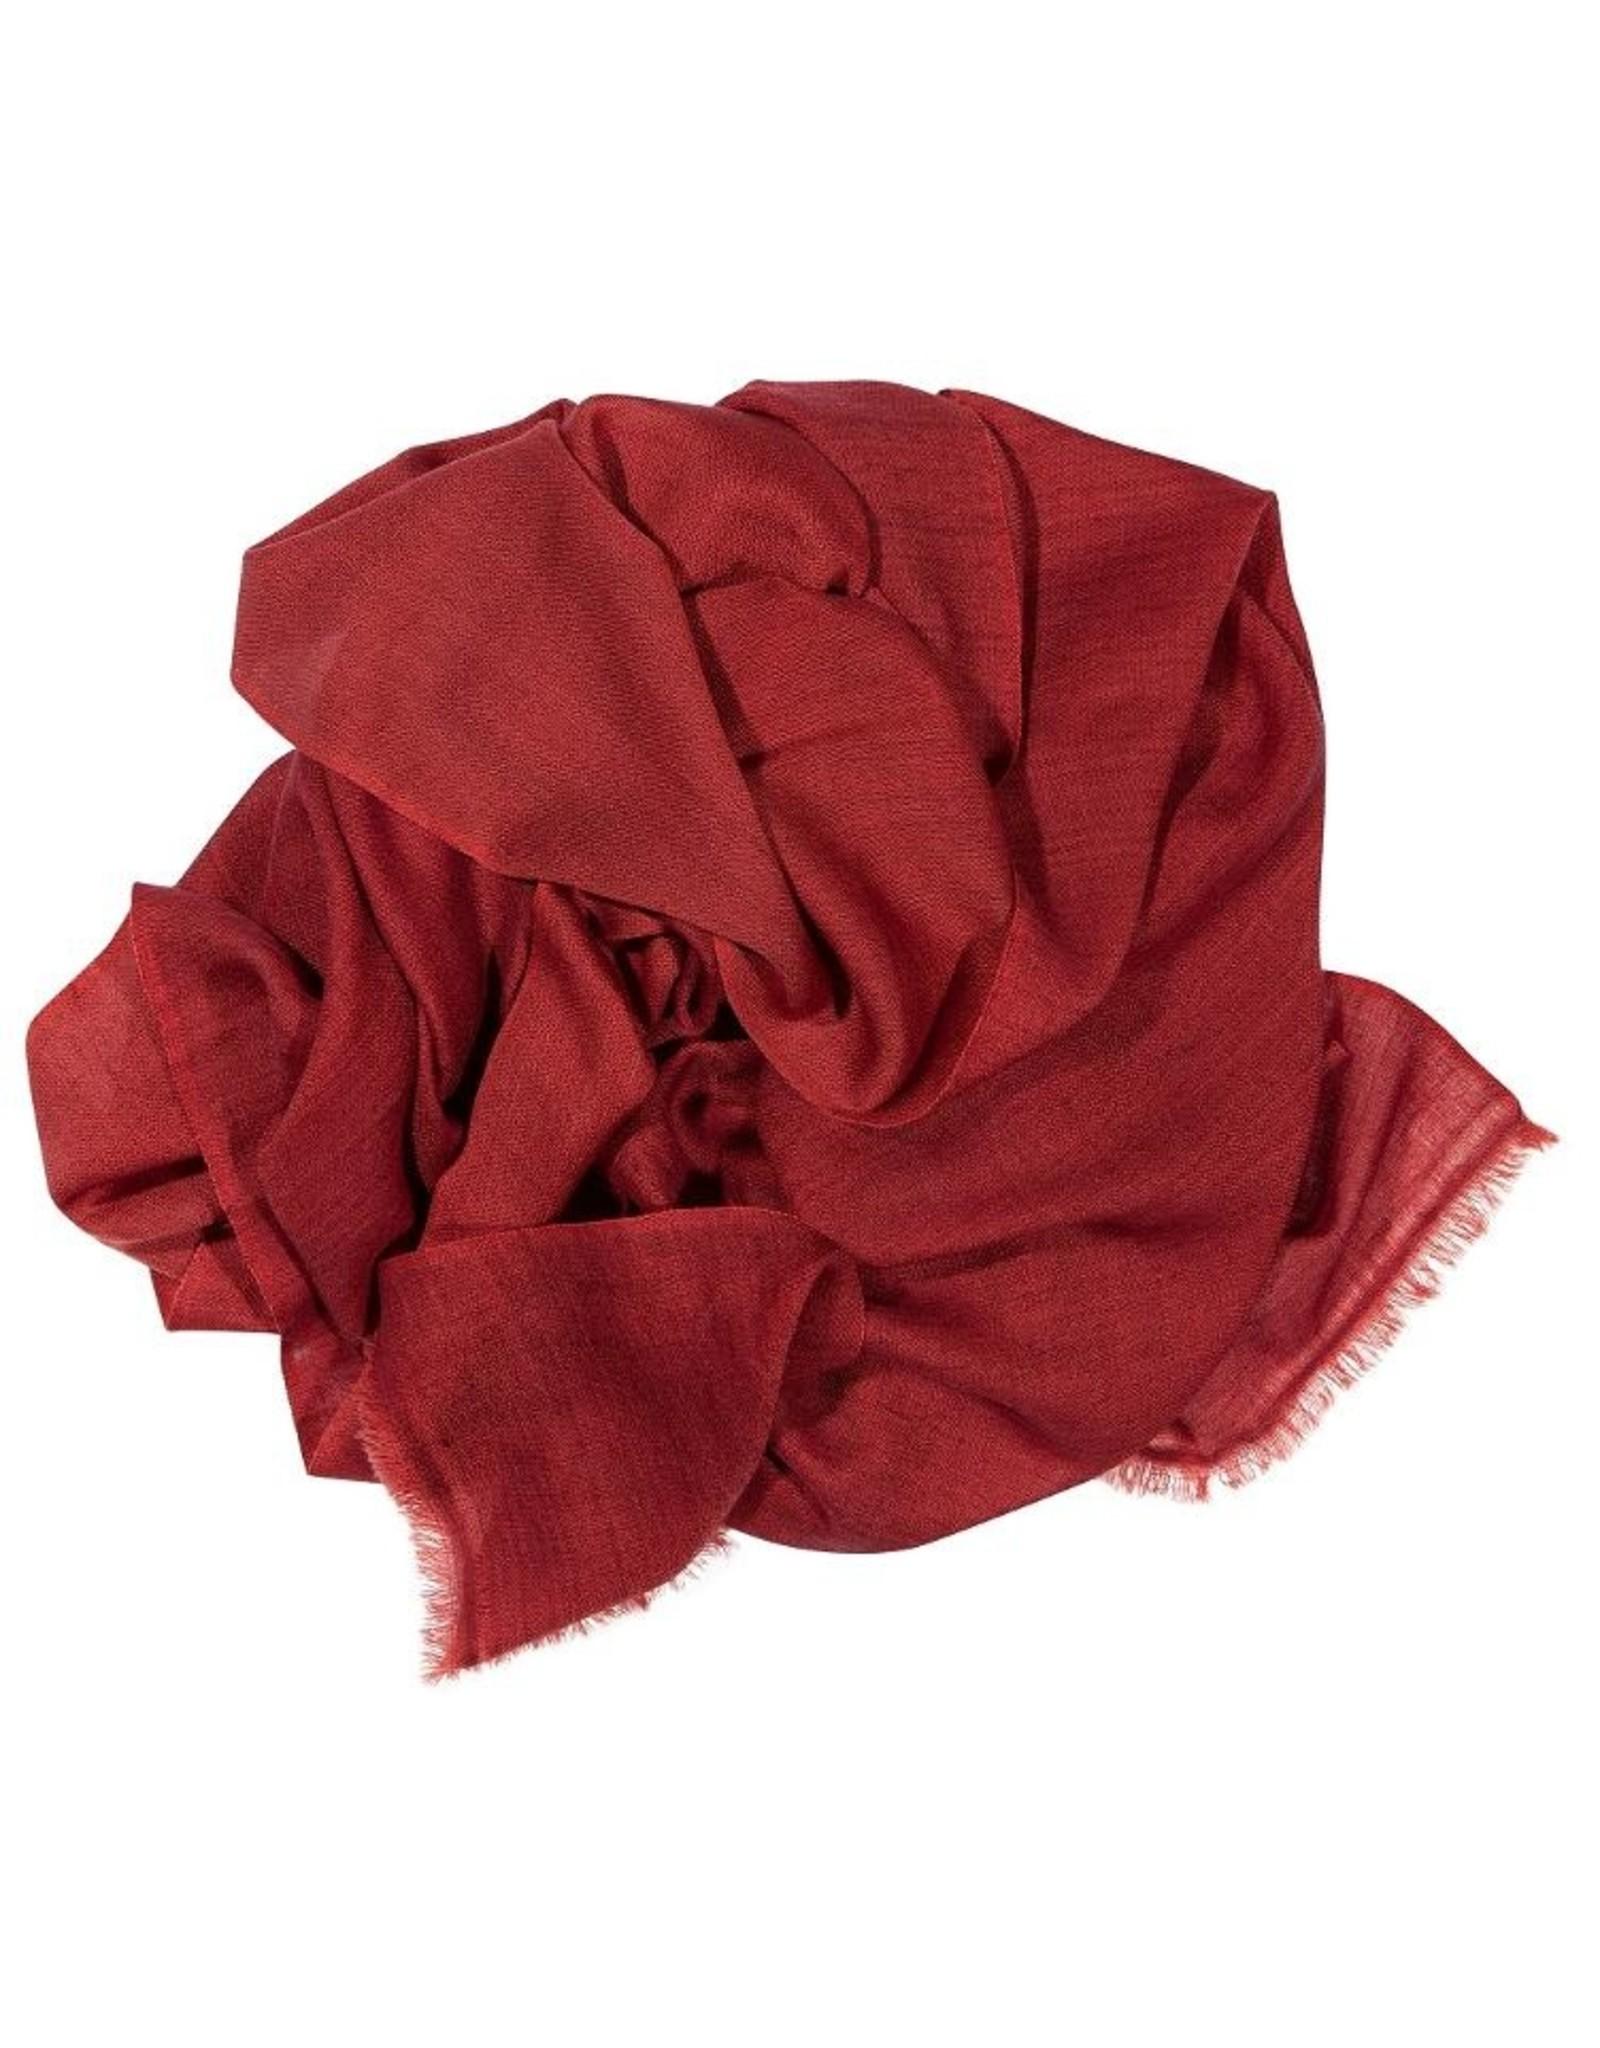 Kaschmirschal Kamala rosa/rot 75%Kaschmir 25%Wolle